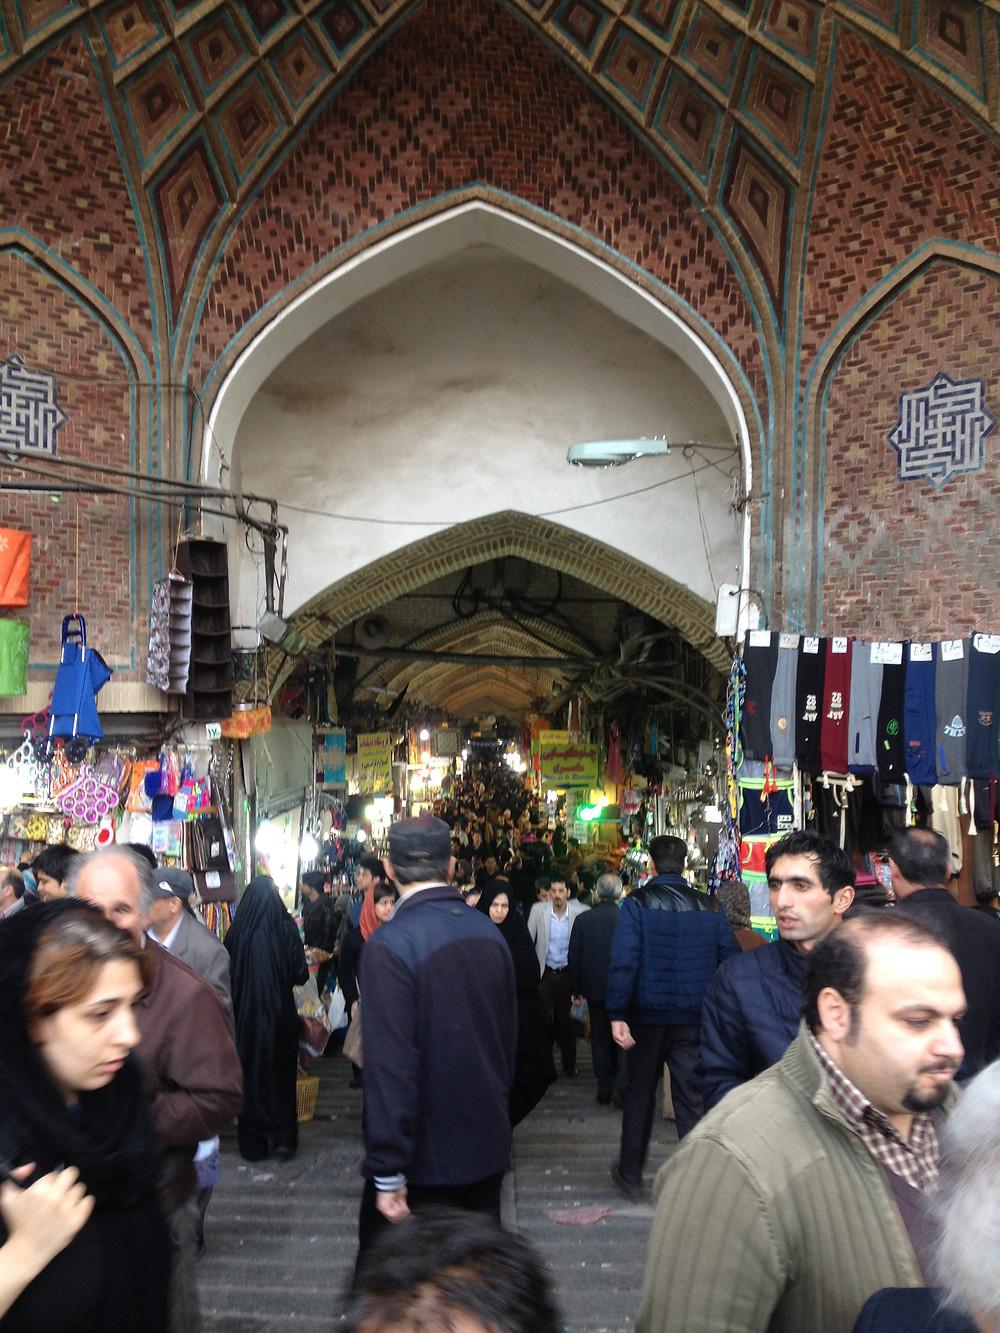 mercado persa